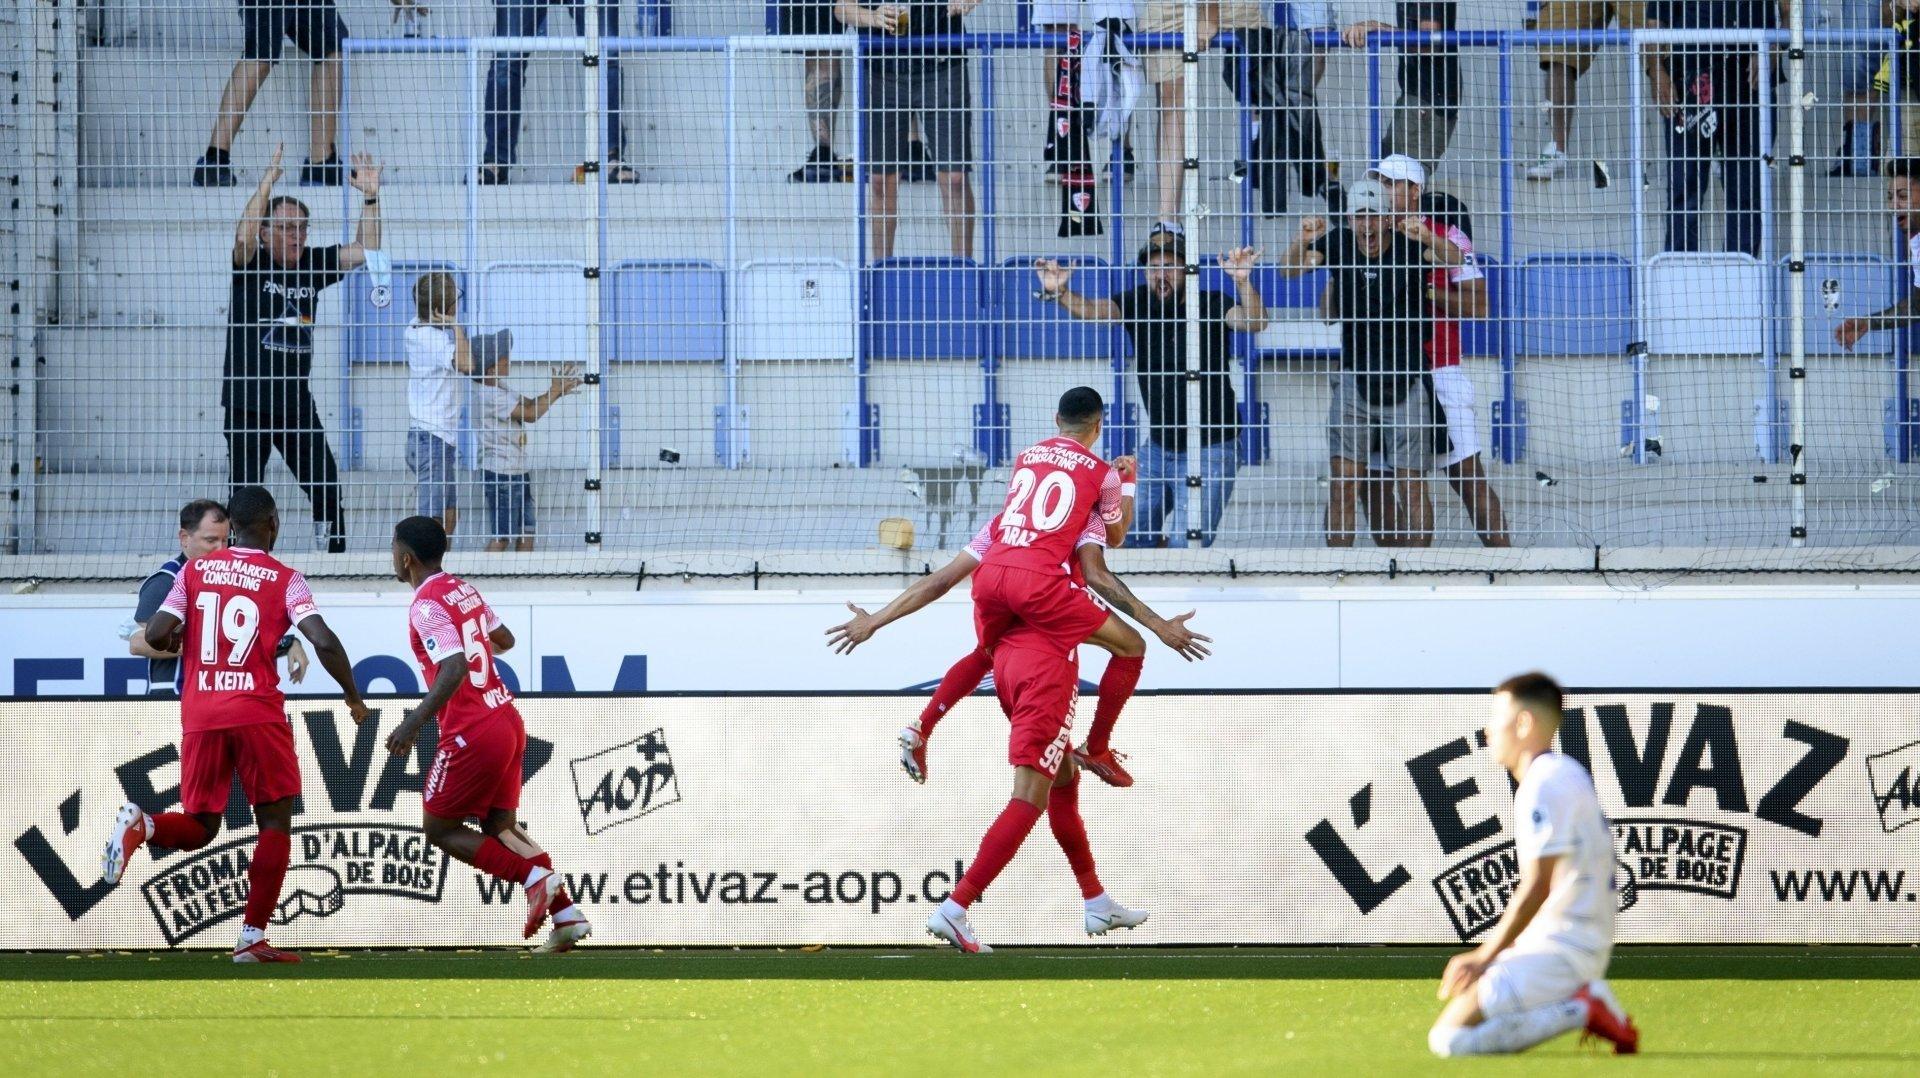 Guillaume Hoarau exulte avec Musa Araz sur ses épaules après avoir marqué le but de l'égalisation pour le FC Sion contre Lausanne.